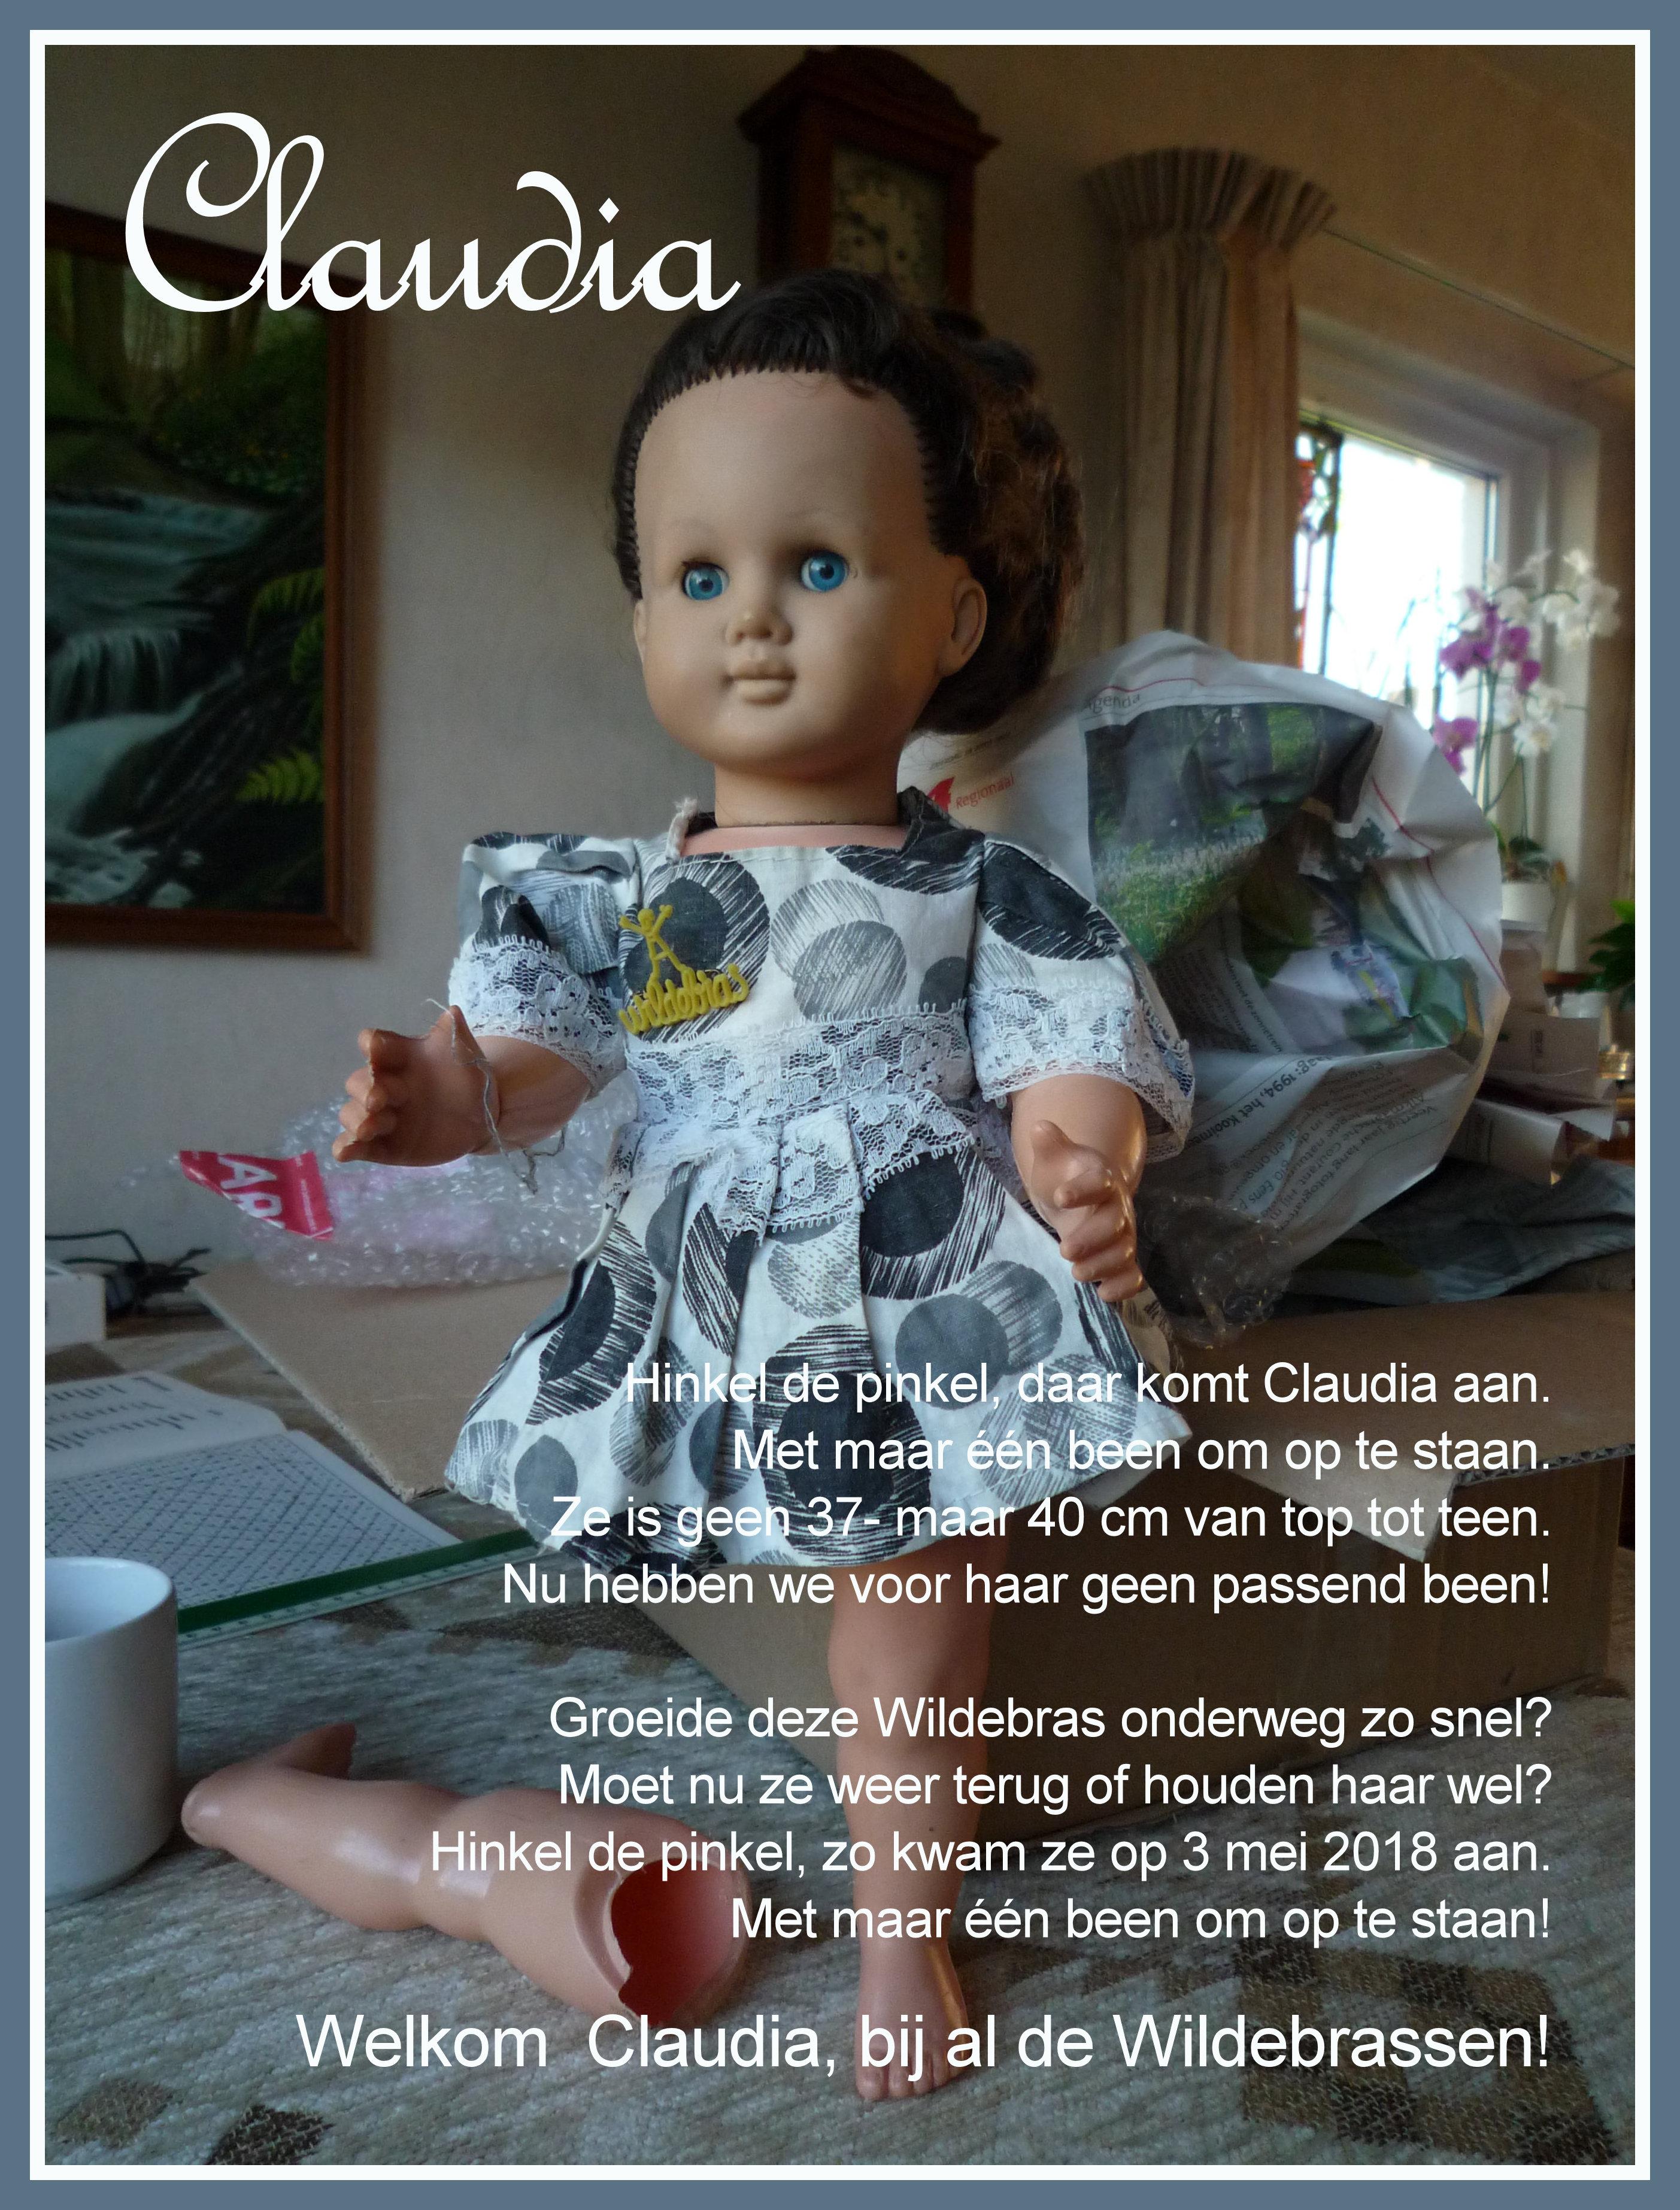 https://welkepopisdat.nl/afbeeldingen-Forum/DurvinaFotos/Claudia%20(1).JPG